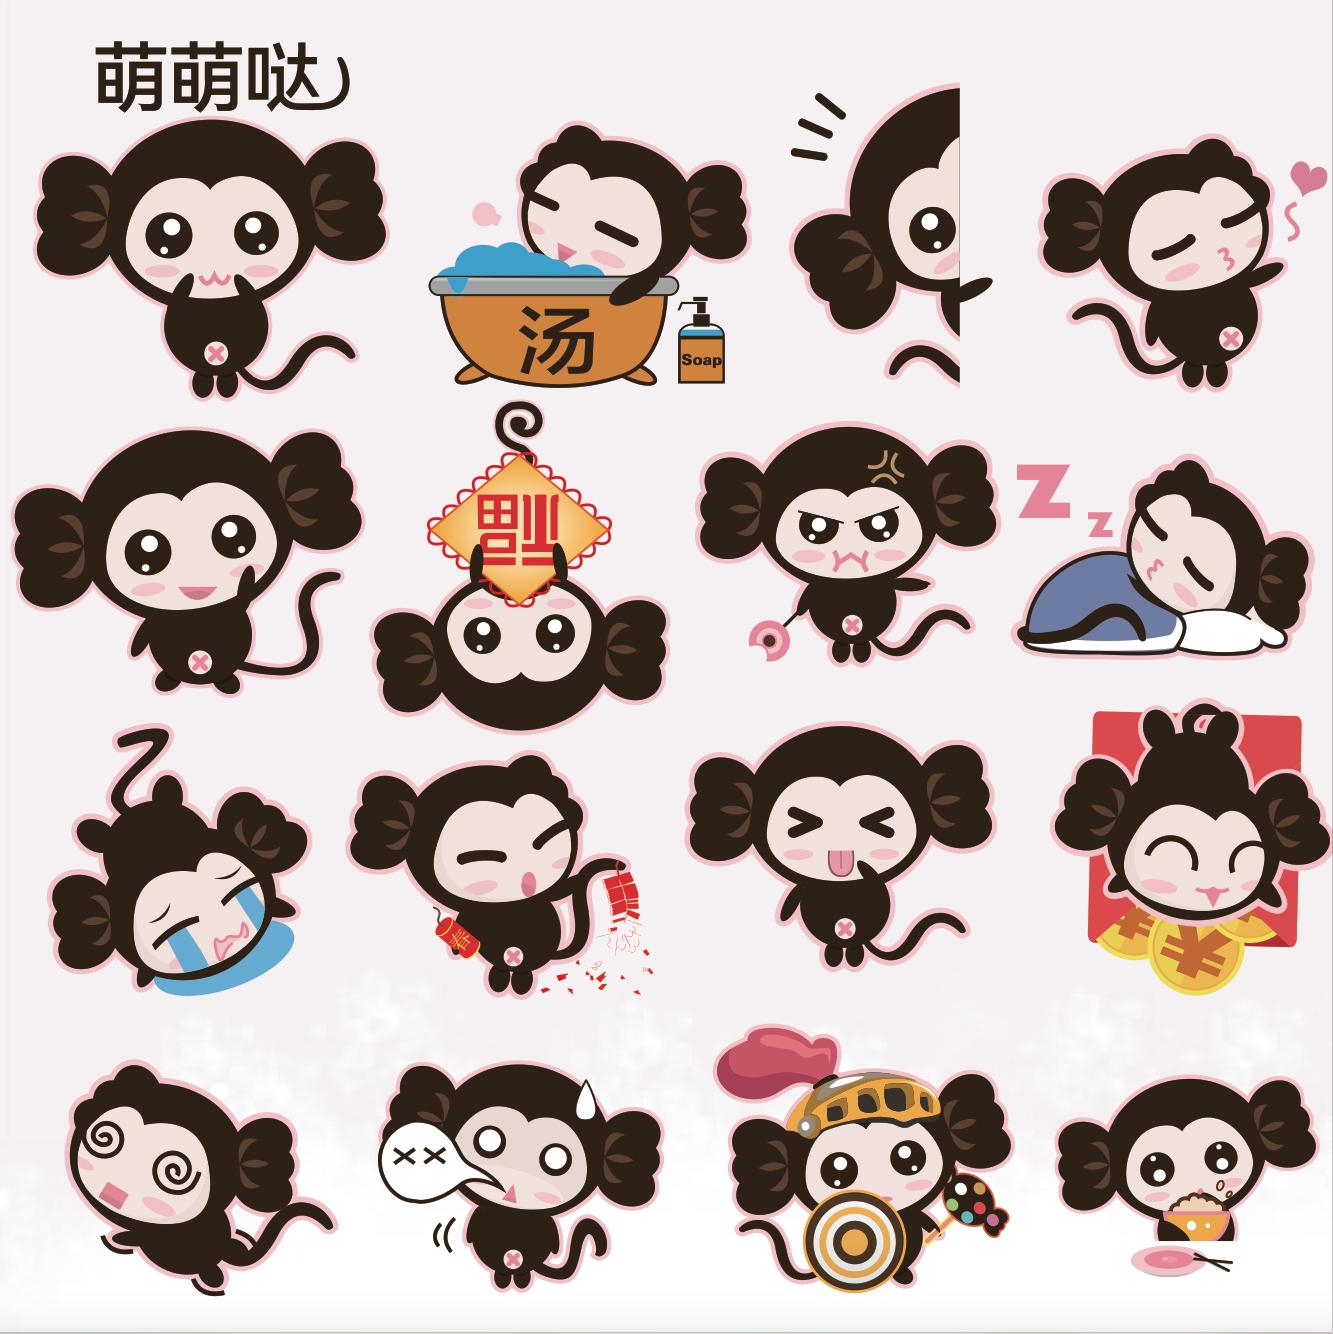 糖果猴子表情包图片